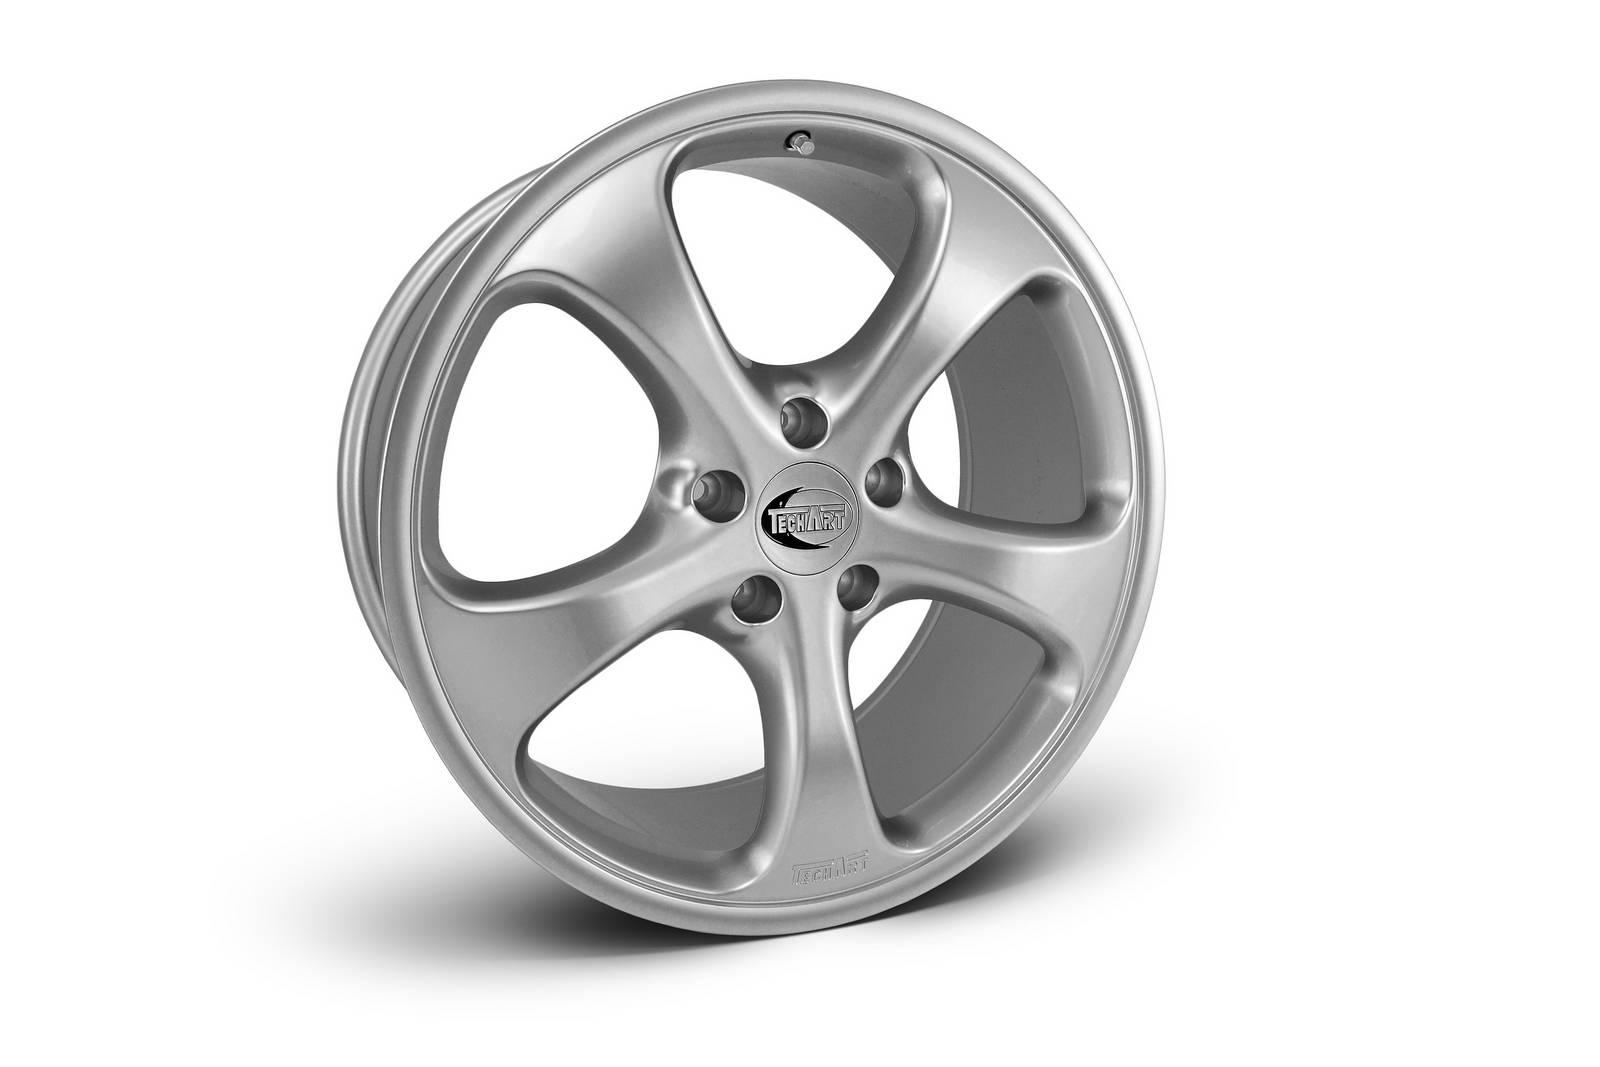 Techart Introduces Winter Wheel Set For Porsche Macan